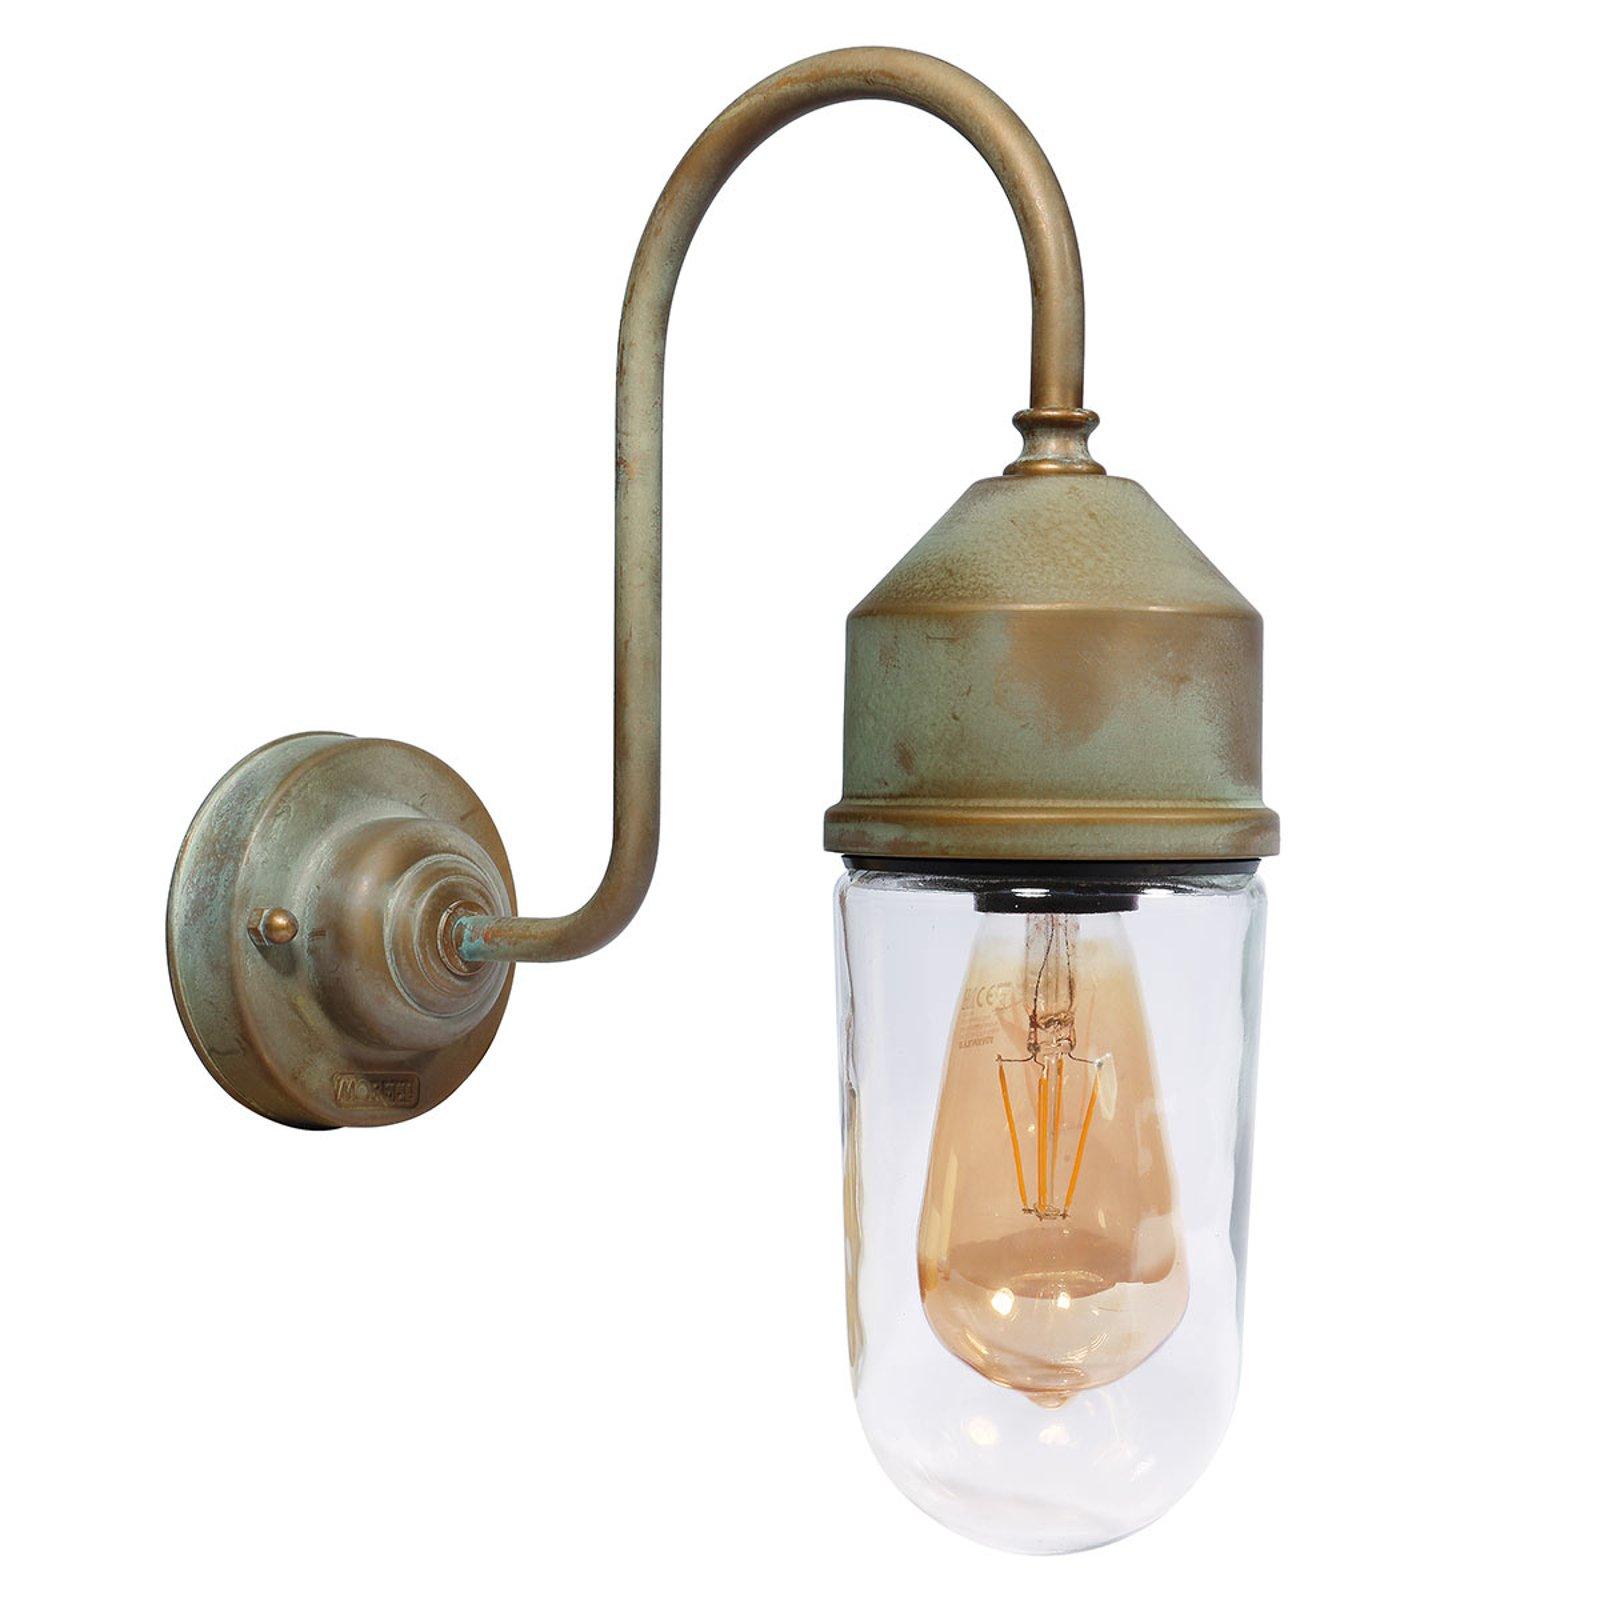 Vegglampe 1950N antikk messing, rett klart glass